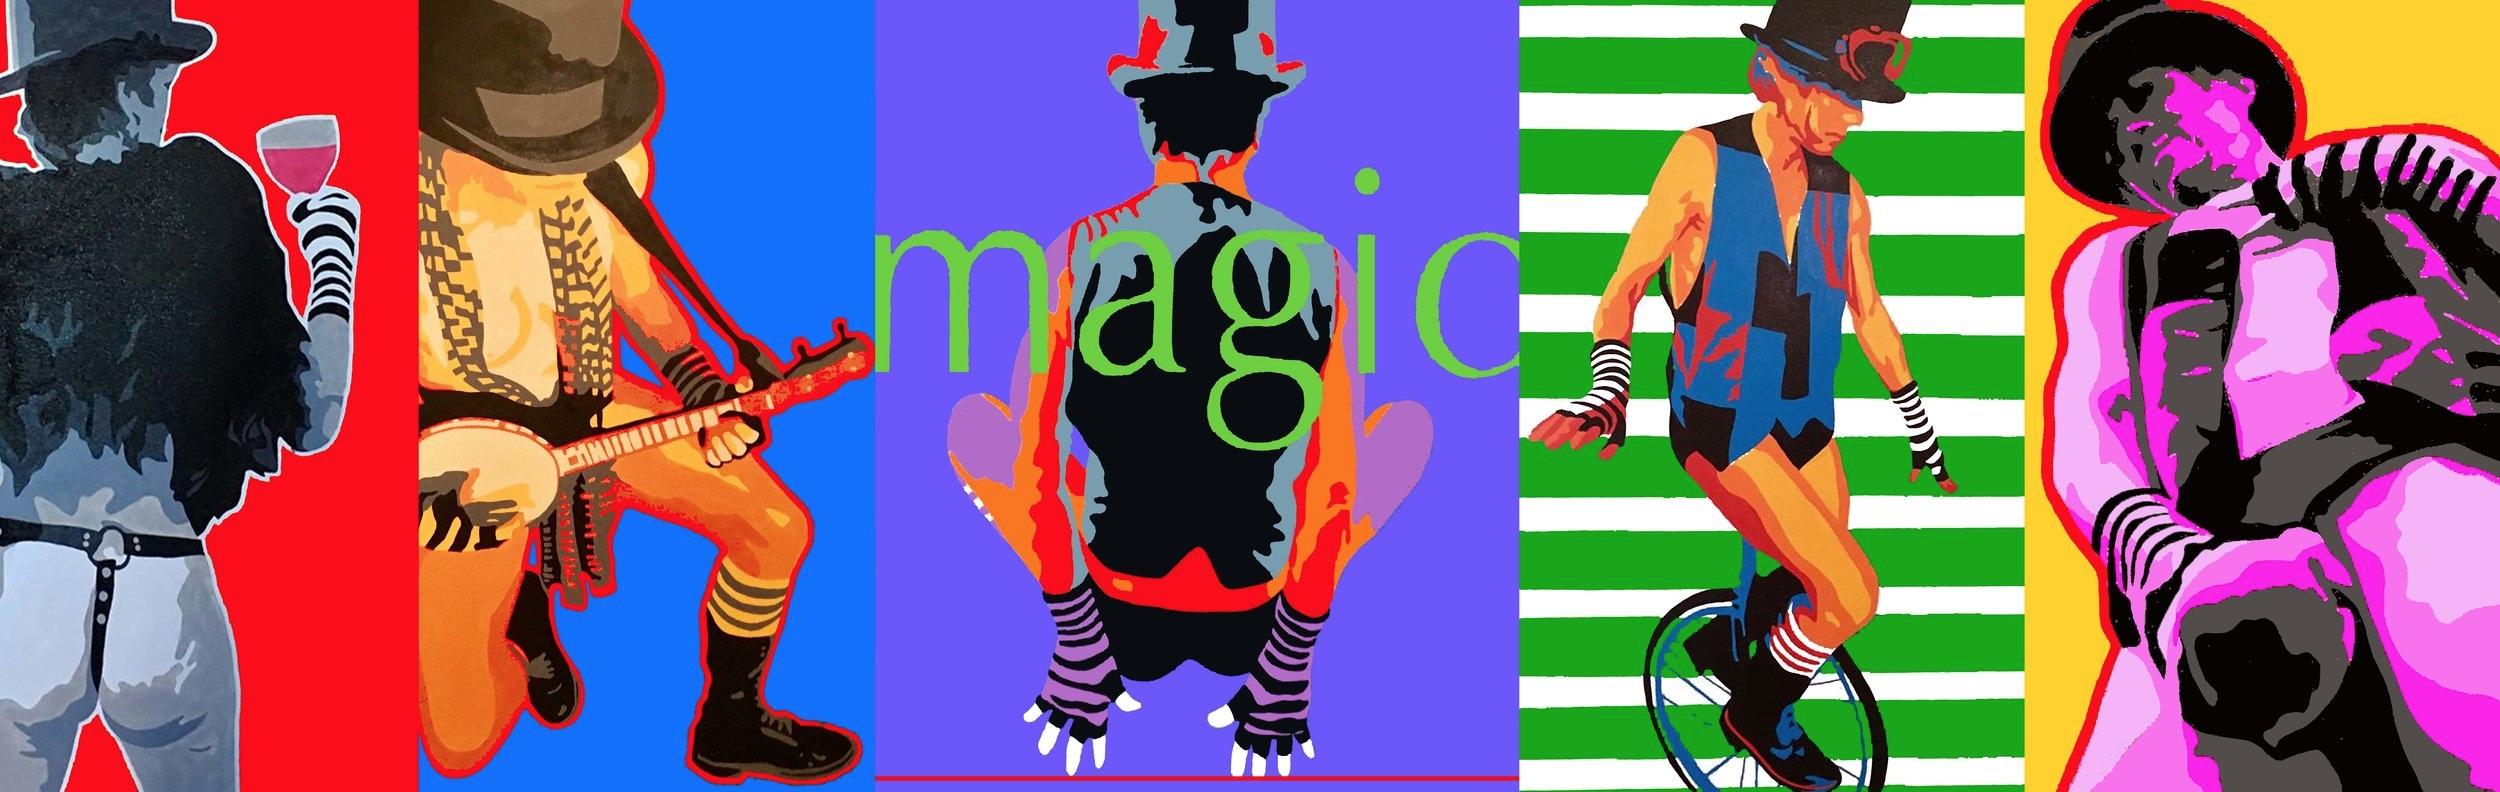 cirque de la vie: a vibration of queer magic